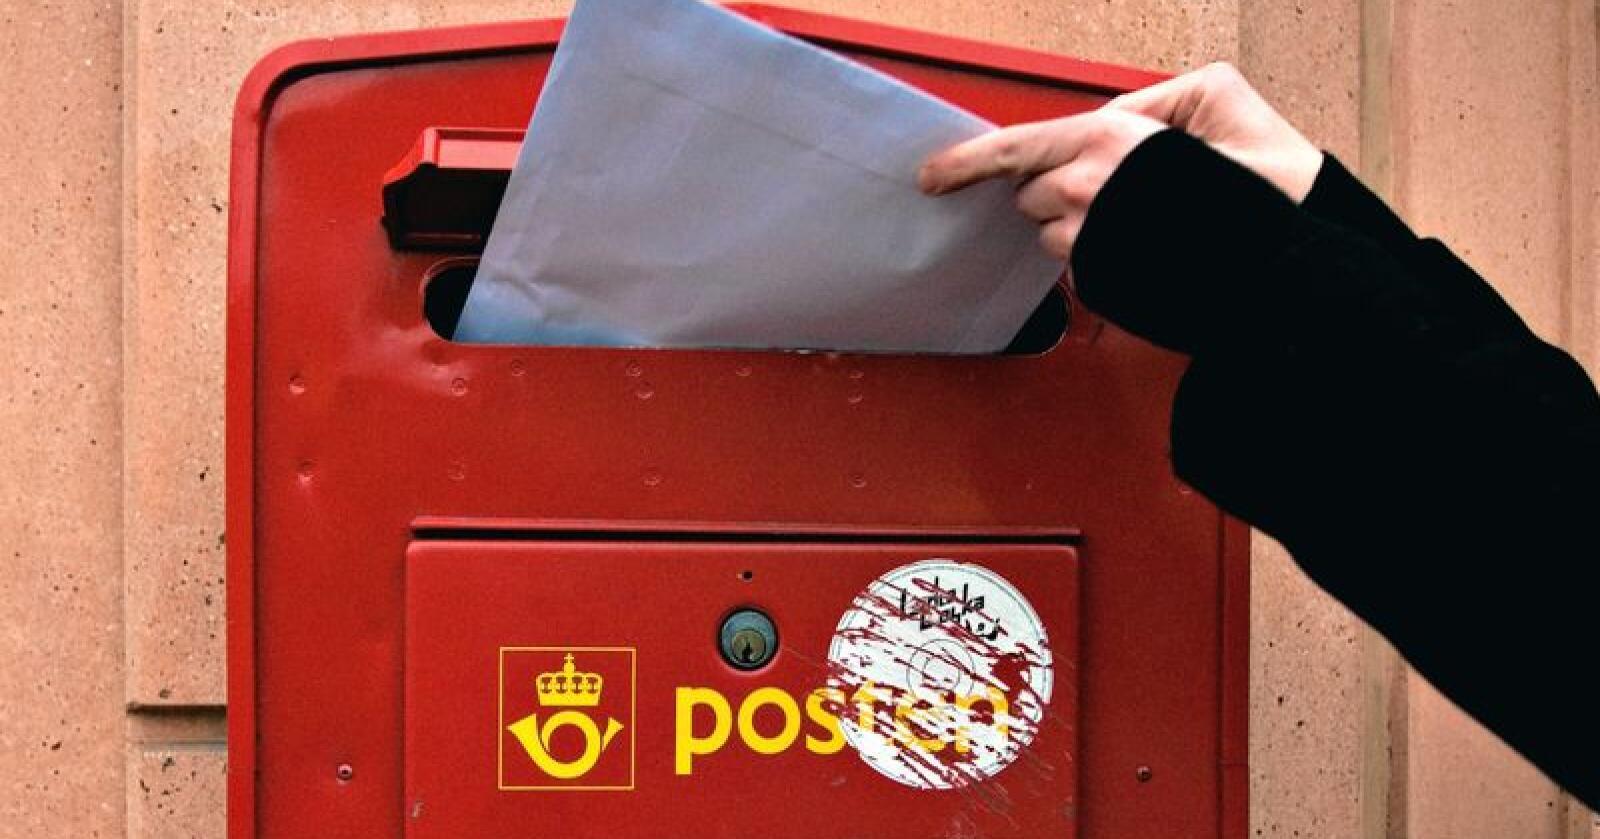 I forslag til ny postlov ønsker man å kutte ned på antallet dager med postomdeling. En av grunnen er at vi sender færre brev enn tidligere. Foto: Jon-Are Berg-Jacobsen